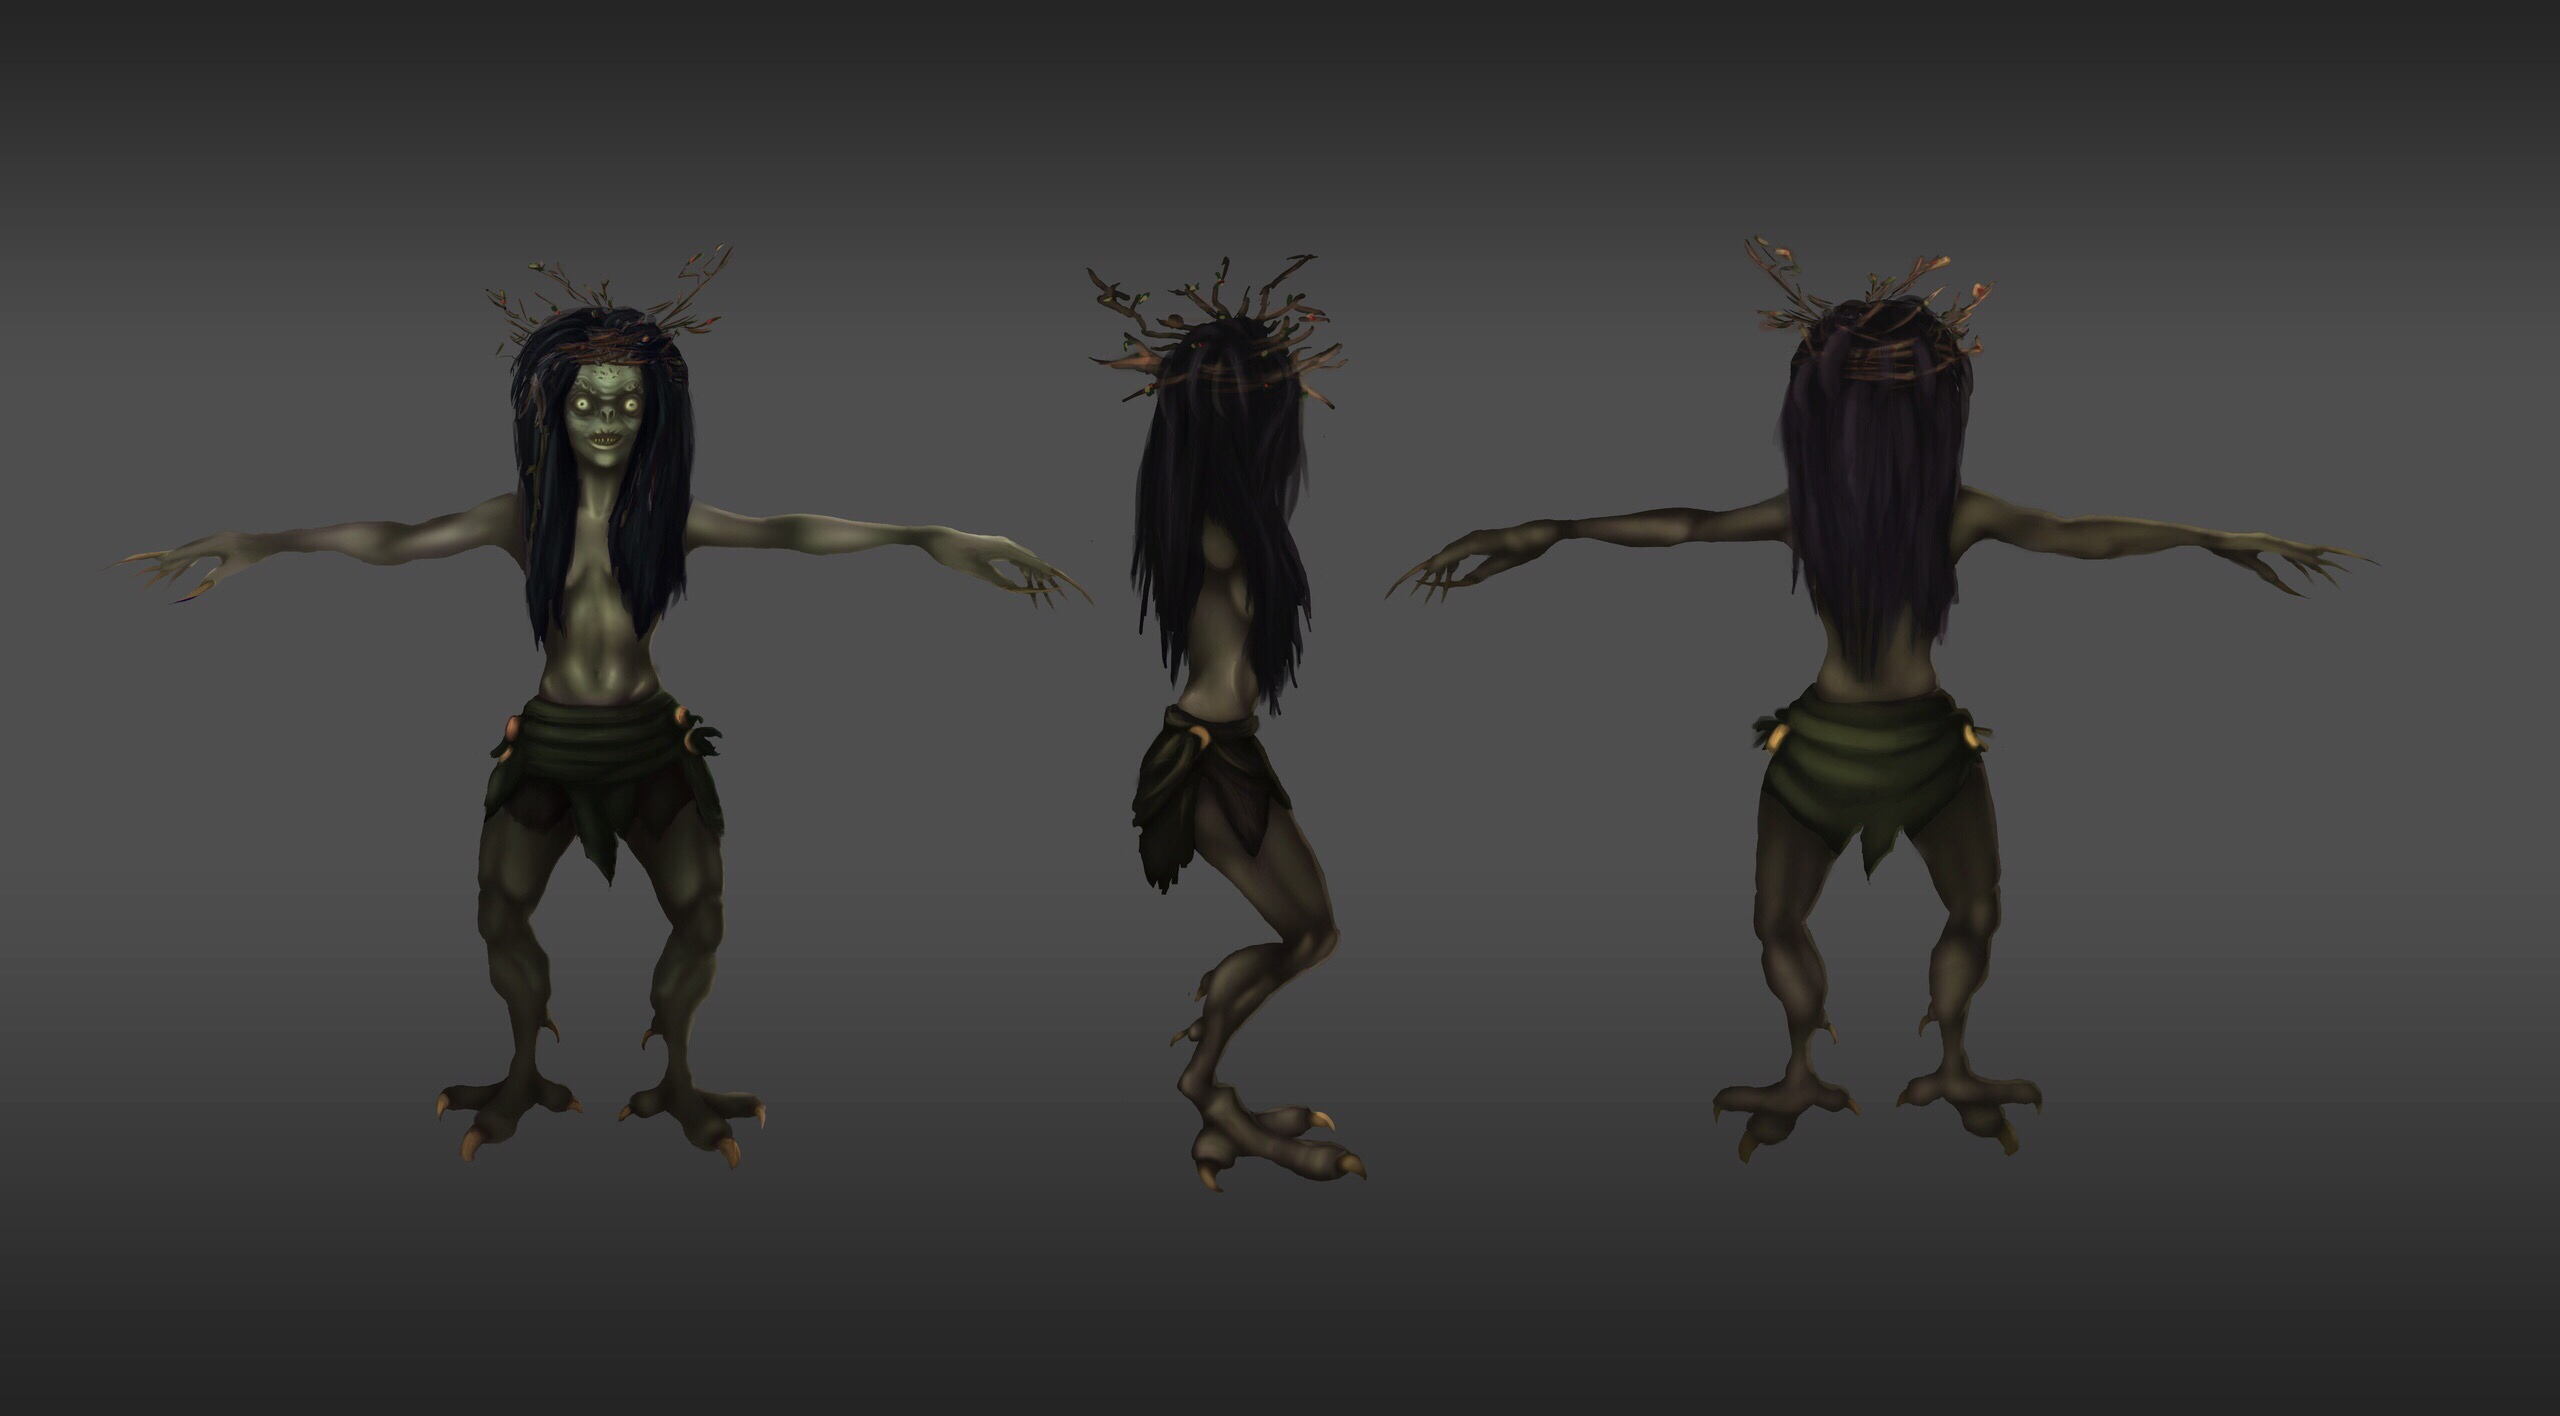 Кикимора | 3D художник со знанием анимации, программист